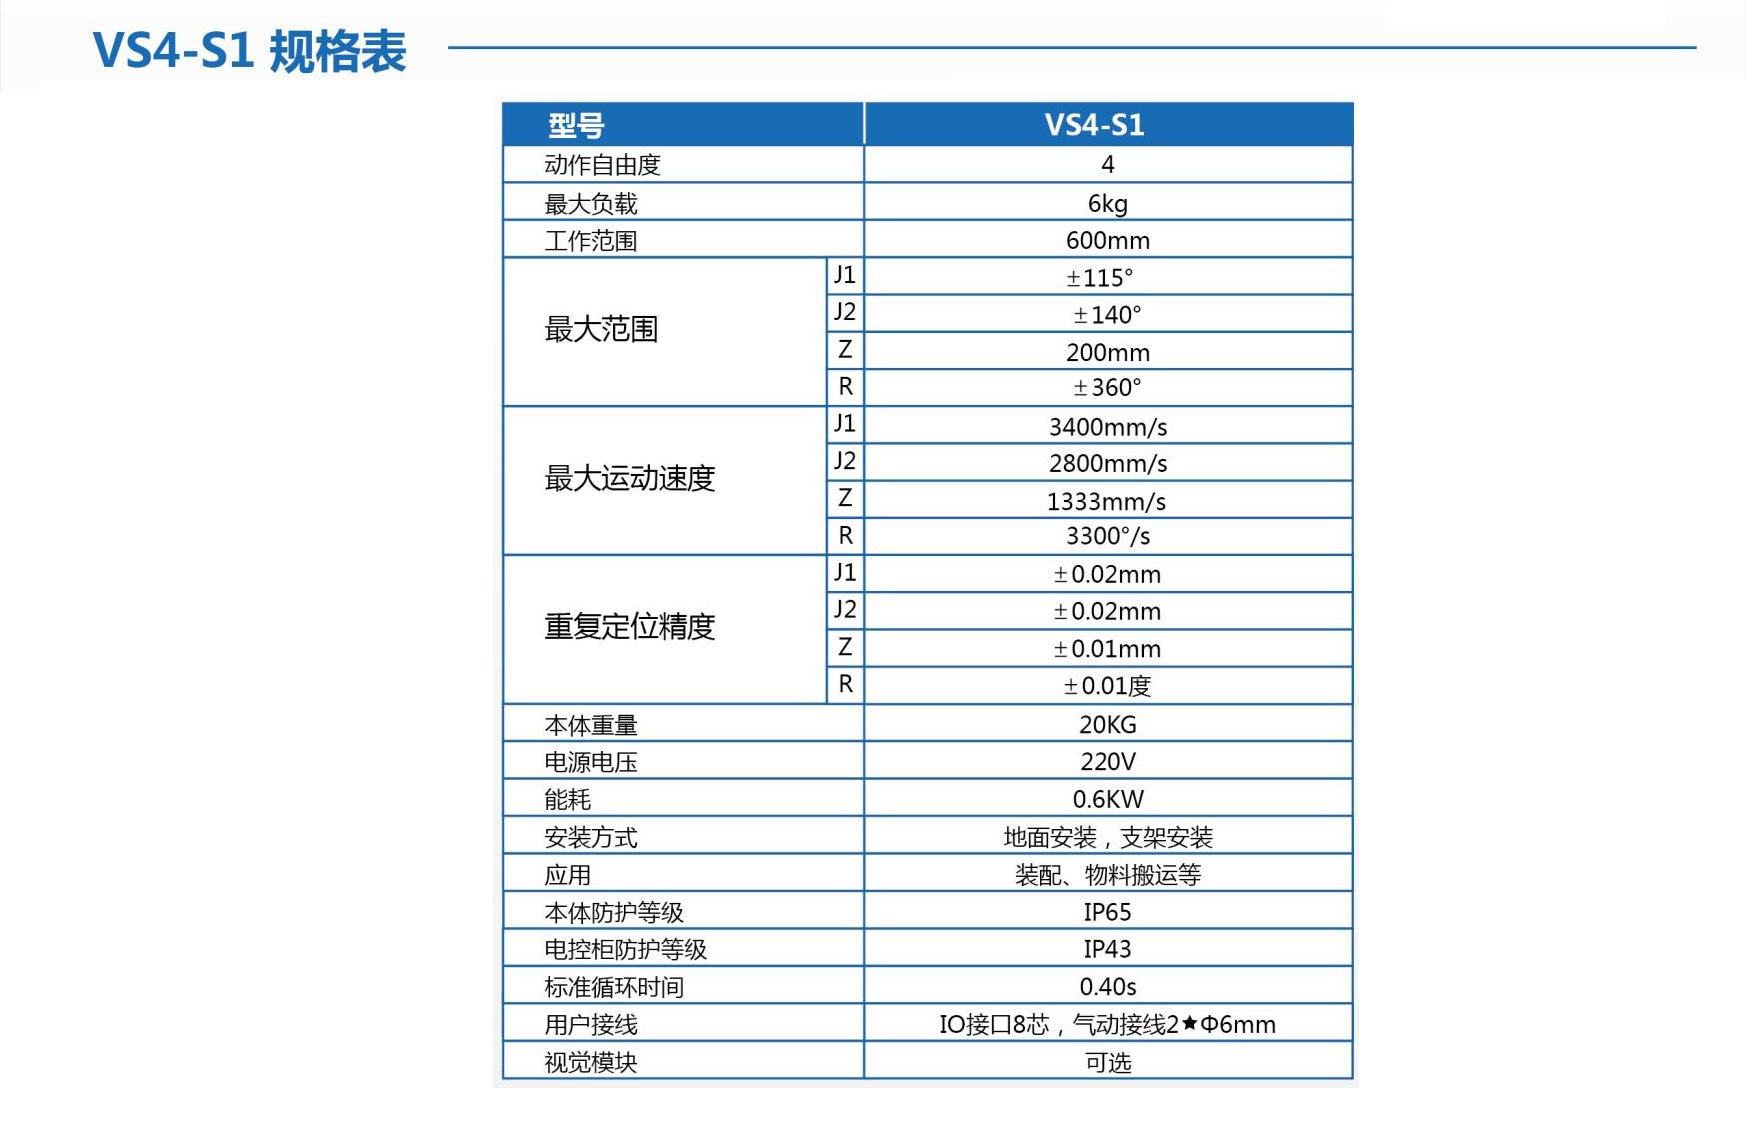 6kg 四关节机器人 桌面型 (2019款)